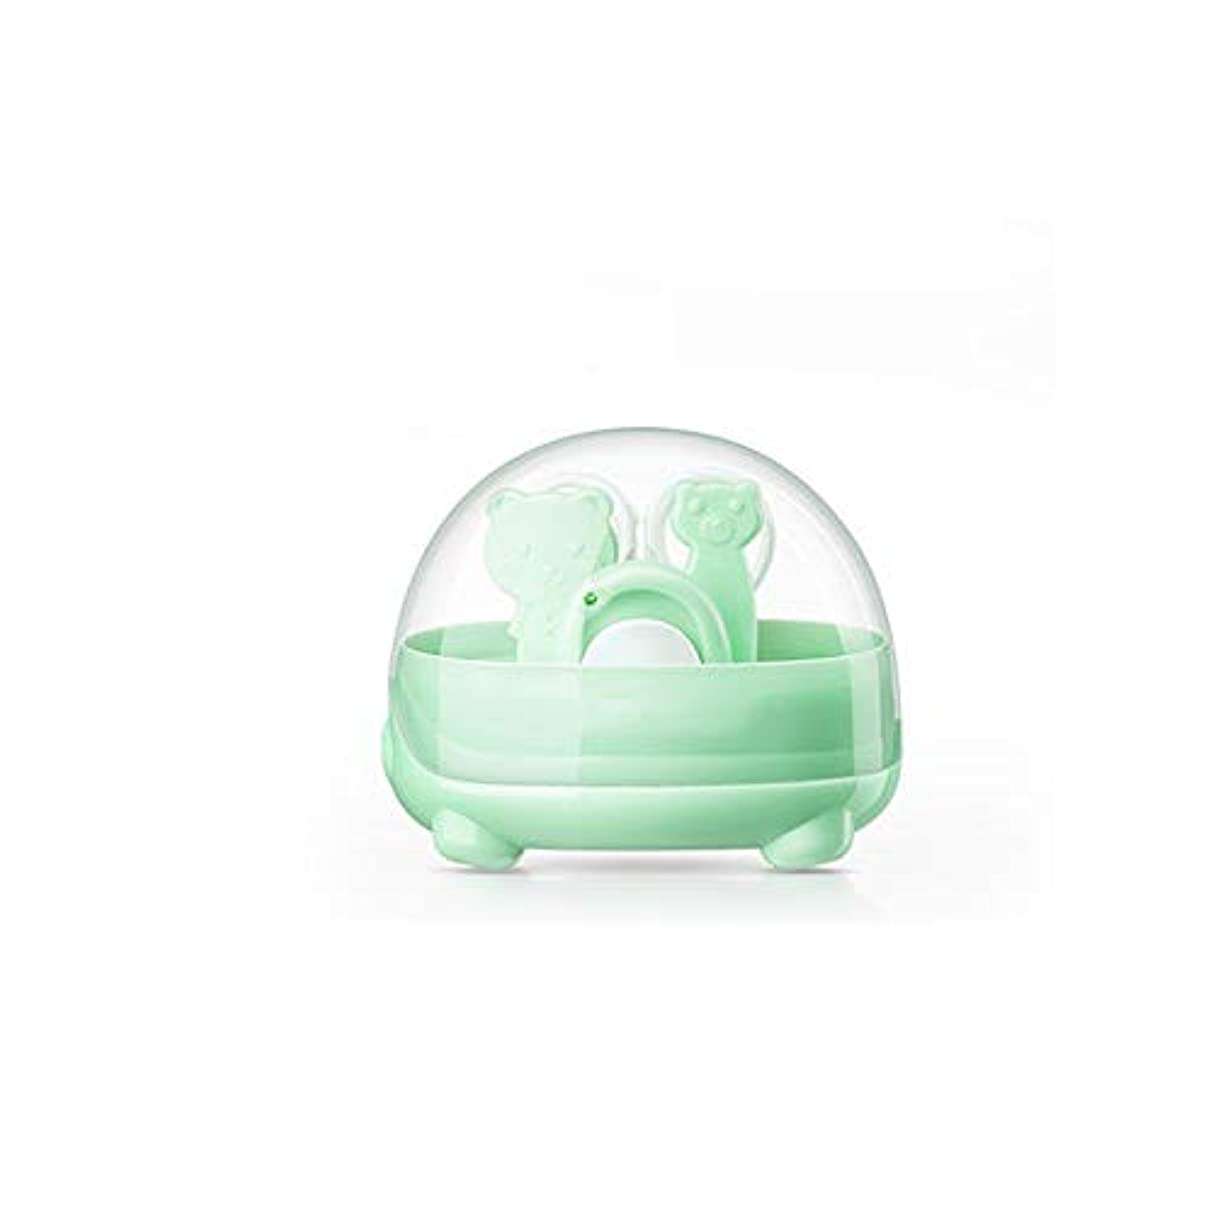 世界的に複製するほとんどない4 in 1ネイルクリッパーセット赤ちゃんの爪切りセット収納ケース付き、グリーン